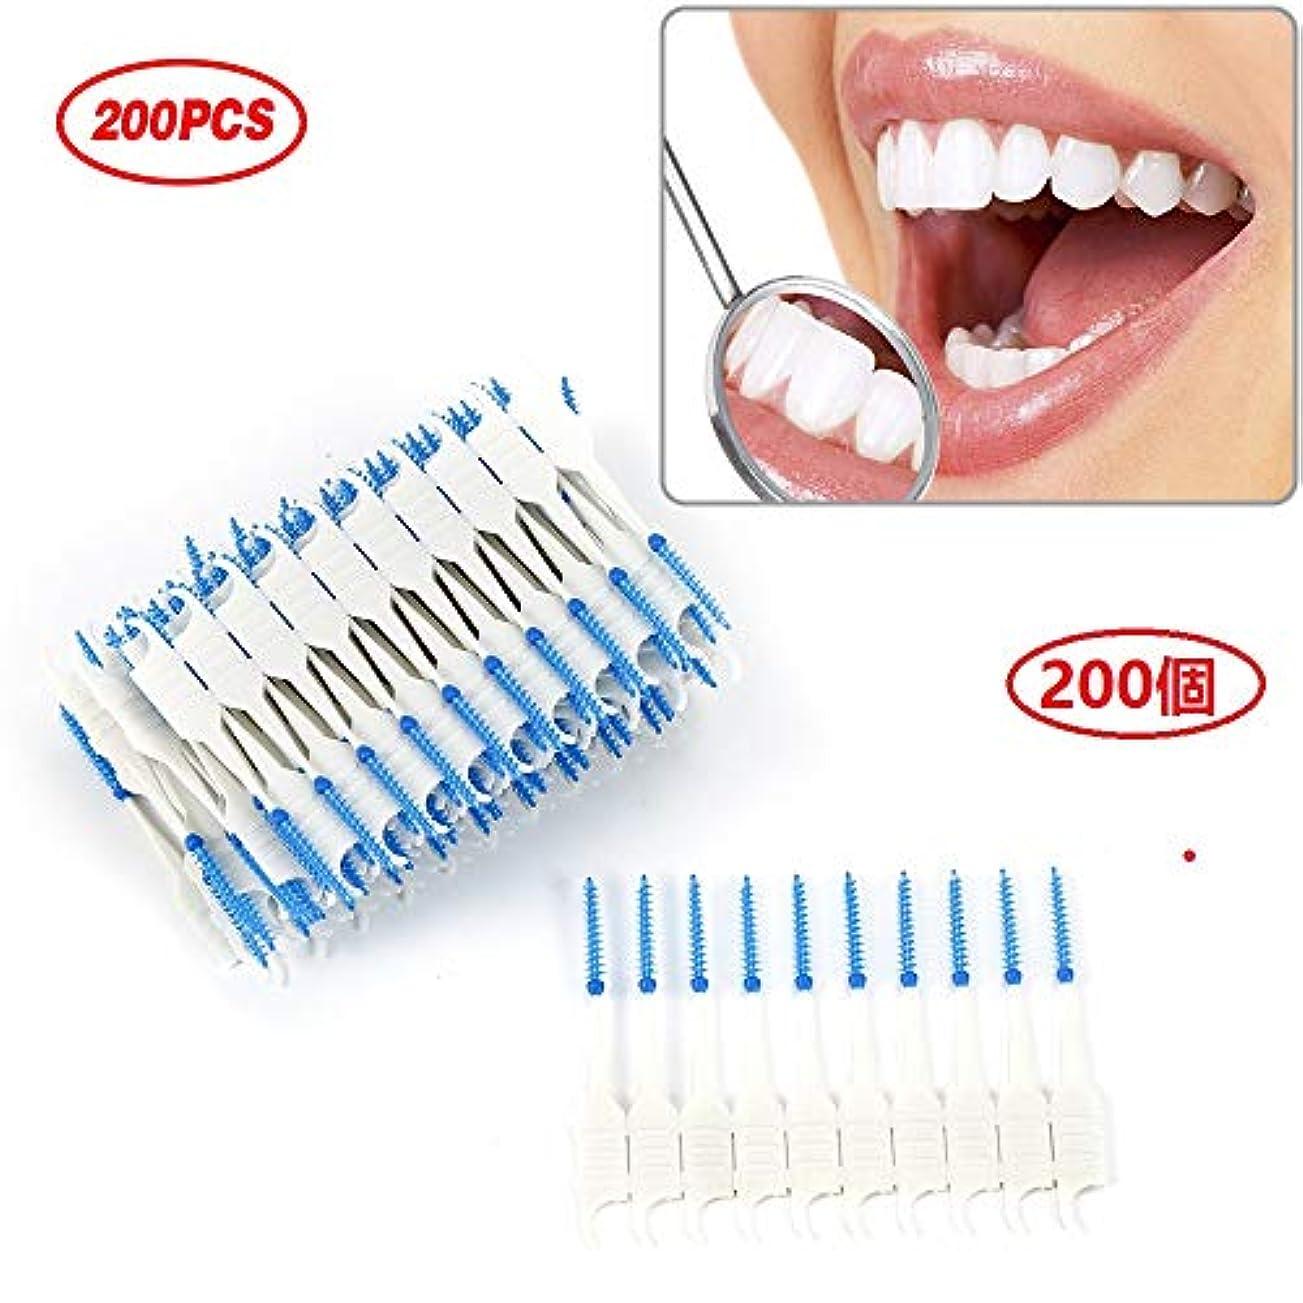 200ピース歯のクリーニングオーラルケア歯フロス口腔衛生デンタルフロスソフト歯間二重つまようじ健康ツール 200 Pcs Teeth Cleaning Oral Care Tooth Floss Hygiene Dental...